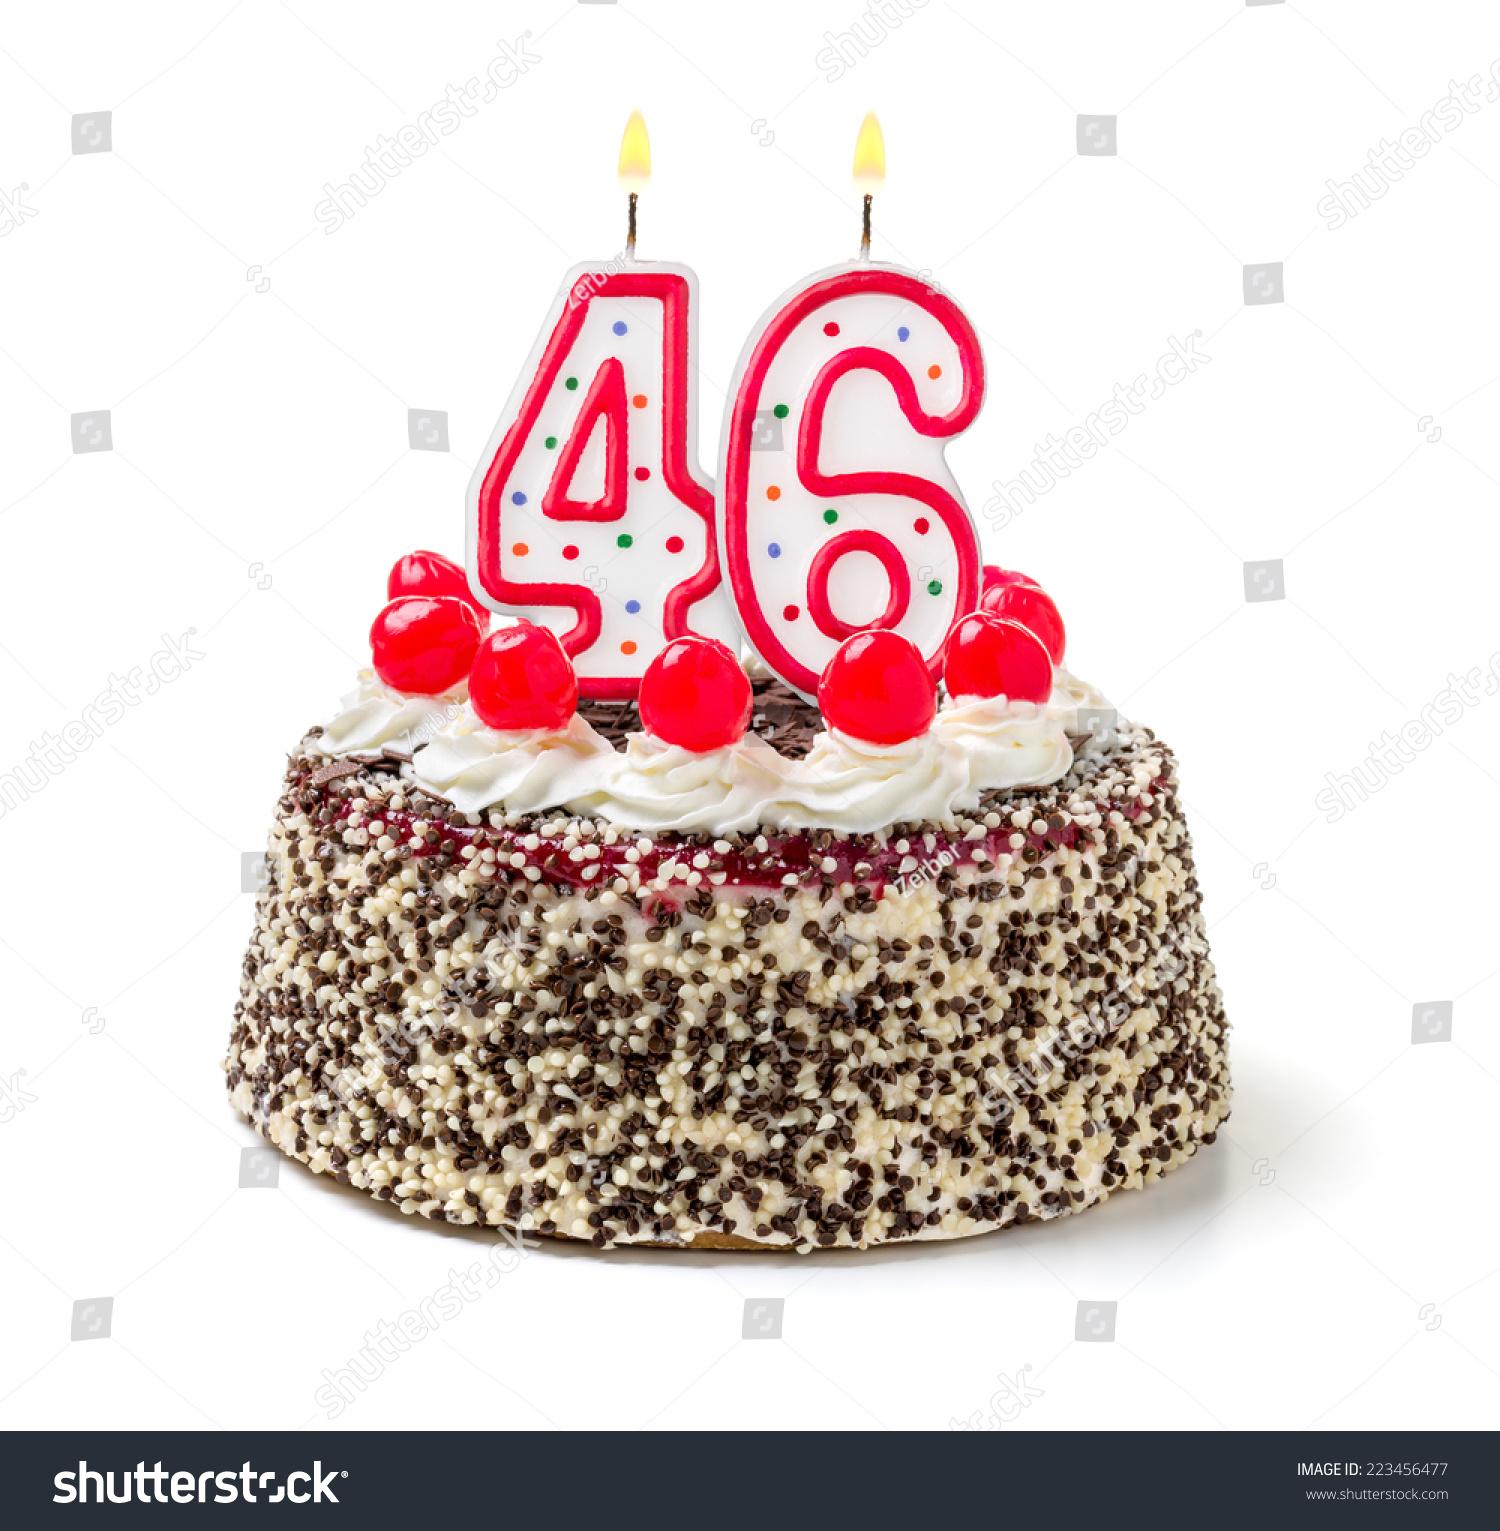 Birthday Cake Burning Candle Number 46 Stock Photo